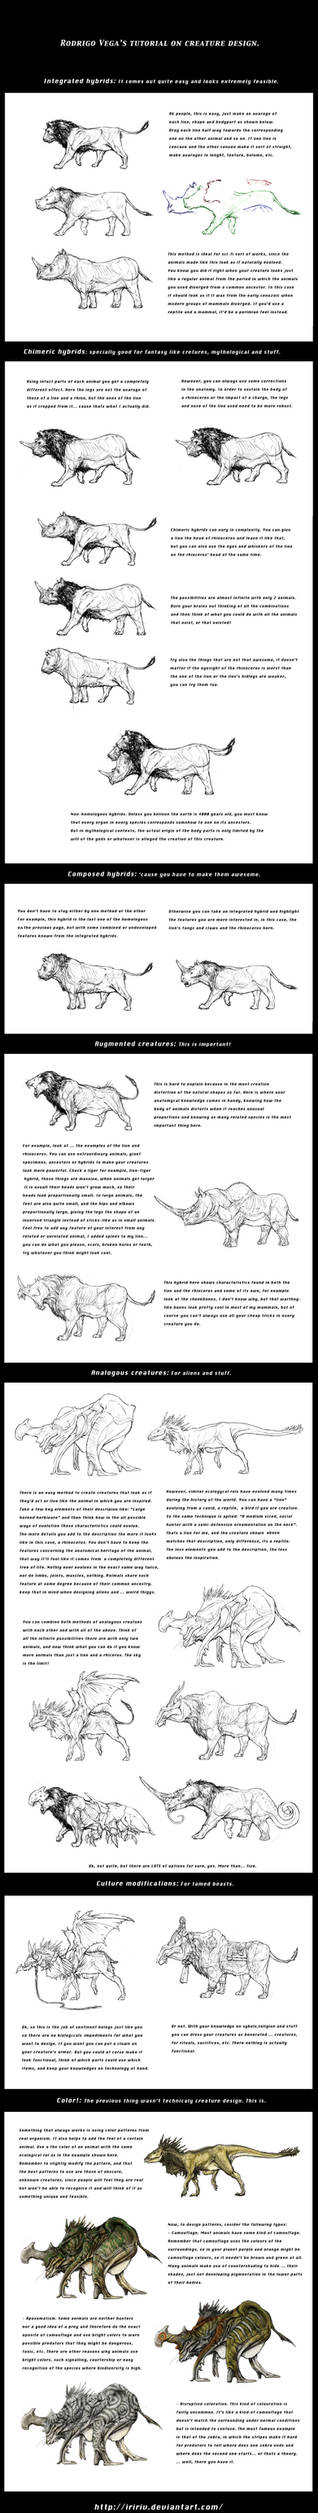 Tutorial on creature design.